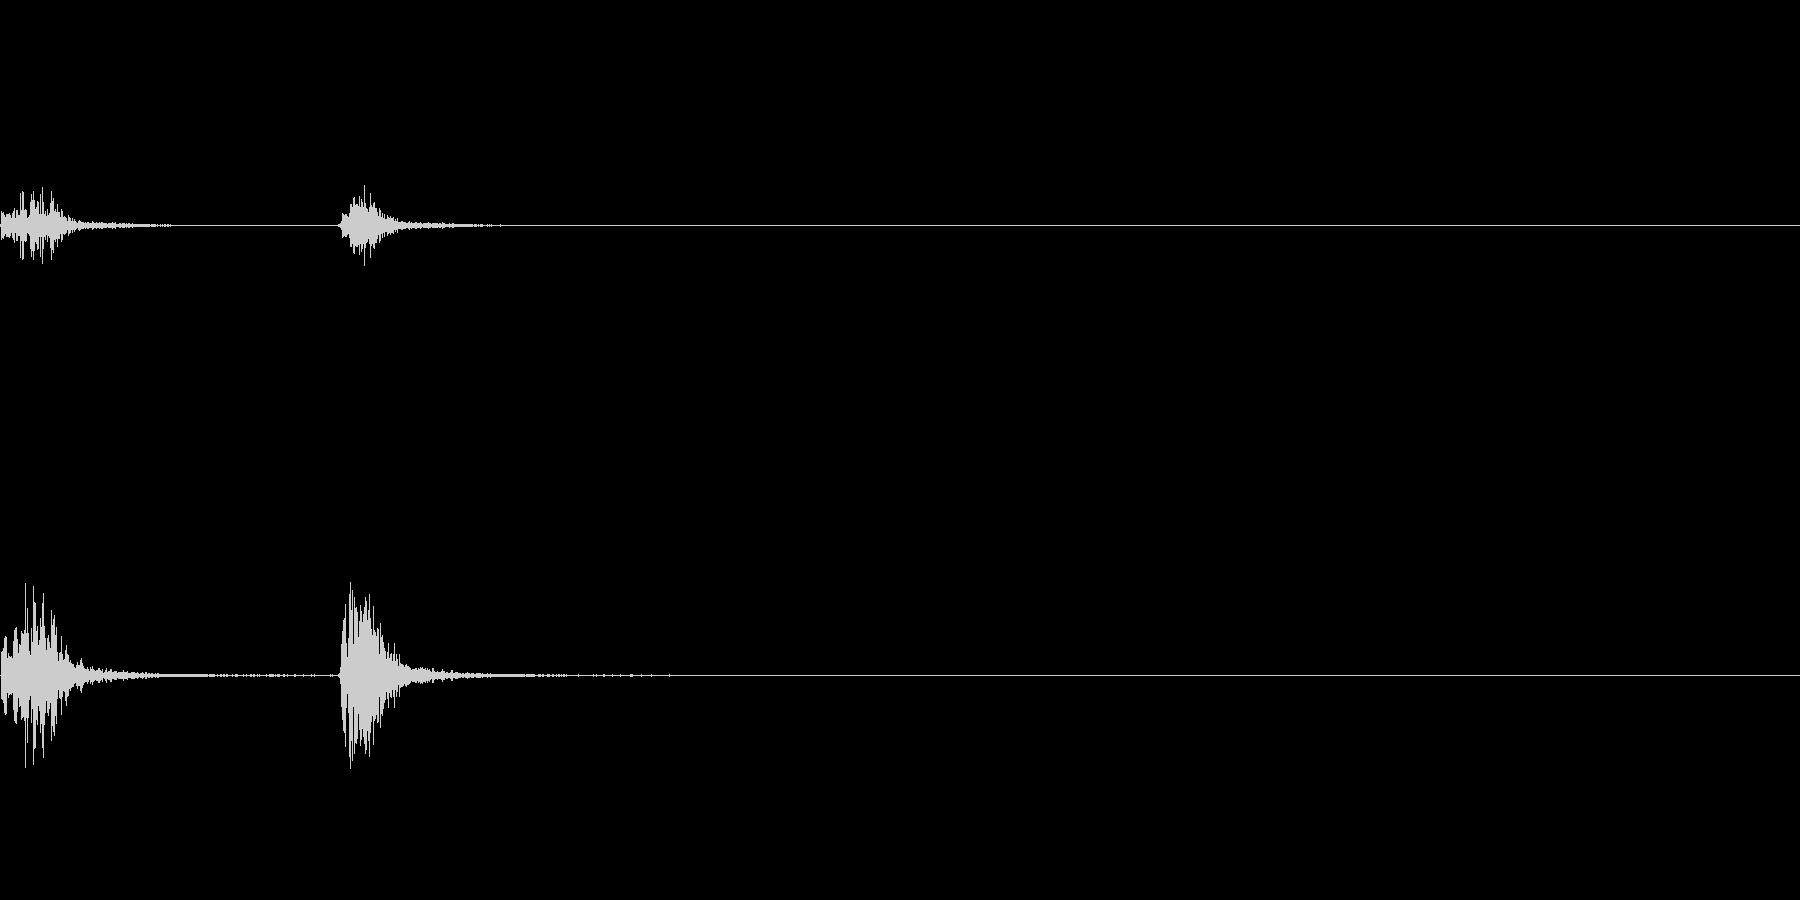 弾倉の装填音_その2の未再生の波形